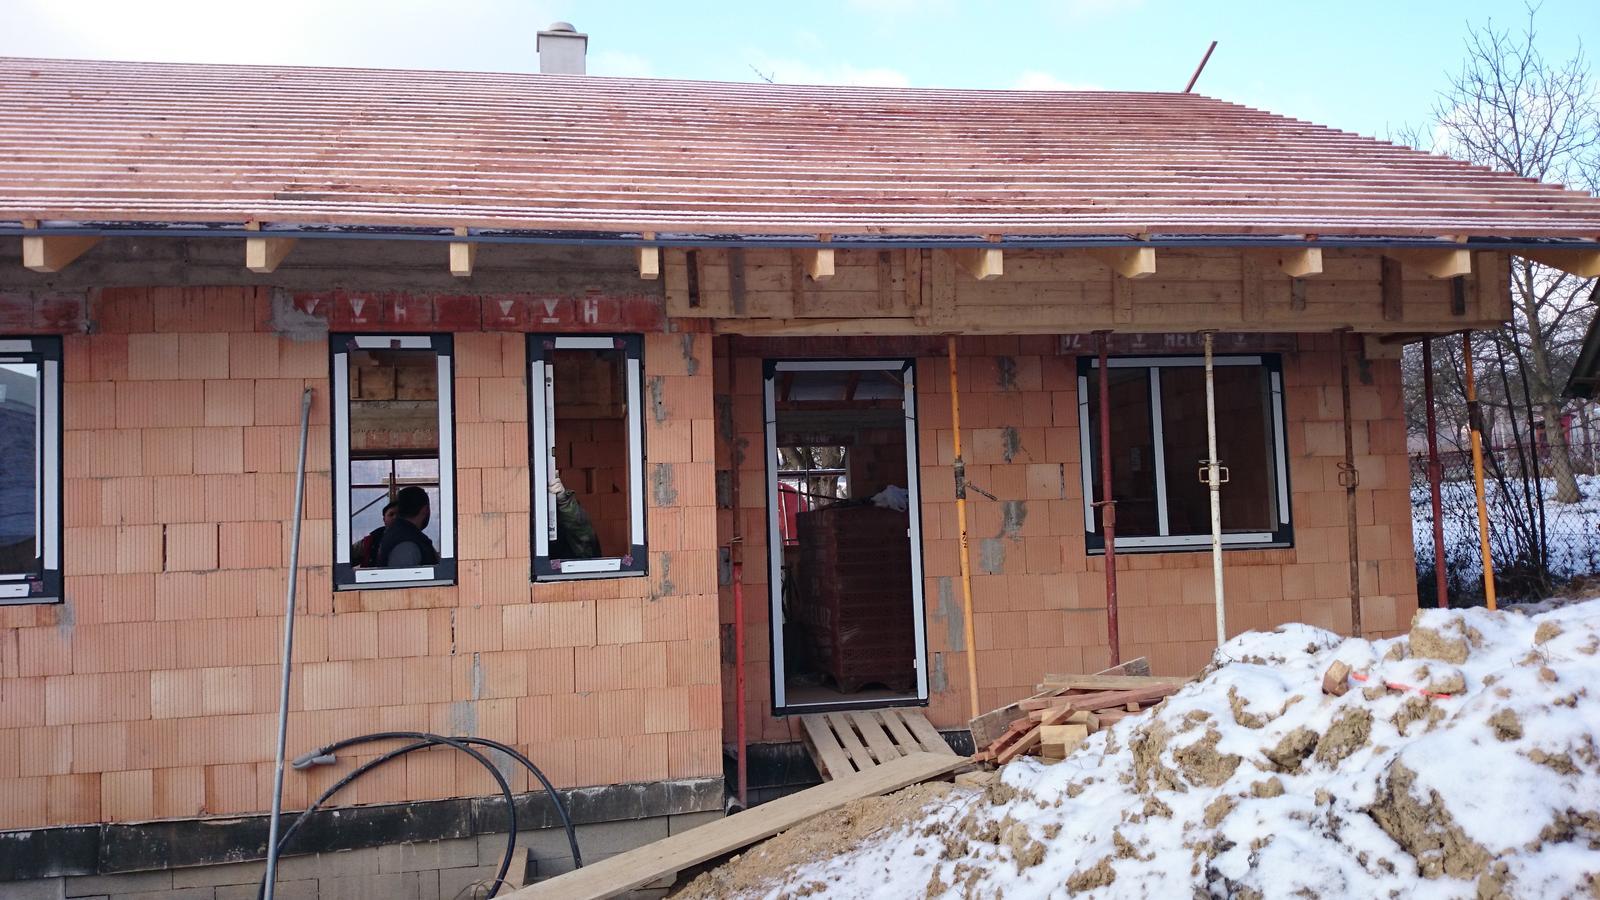 NÍZKOENERGETICKÝ a napriek tomu je v ňom VEĽA pozitívnej ENERGIE - PREDNÝ: 28. december 2014. Zakryť sme nestihli, strešná fólia však zachytila prvý sniežik. Pribudli okná a vchodové dvere